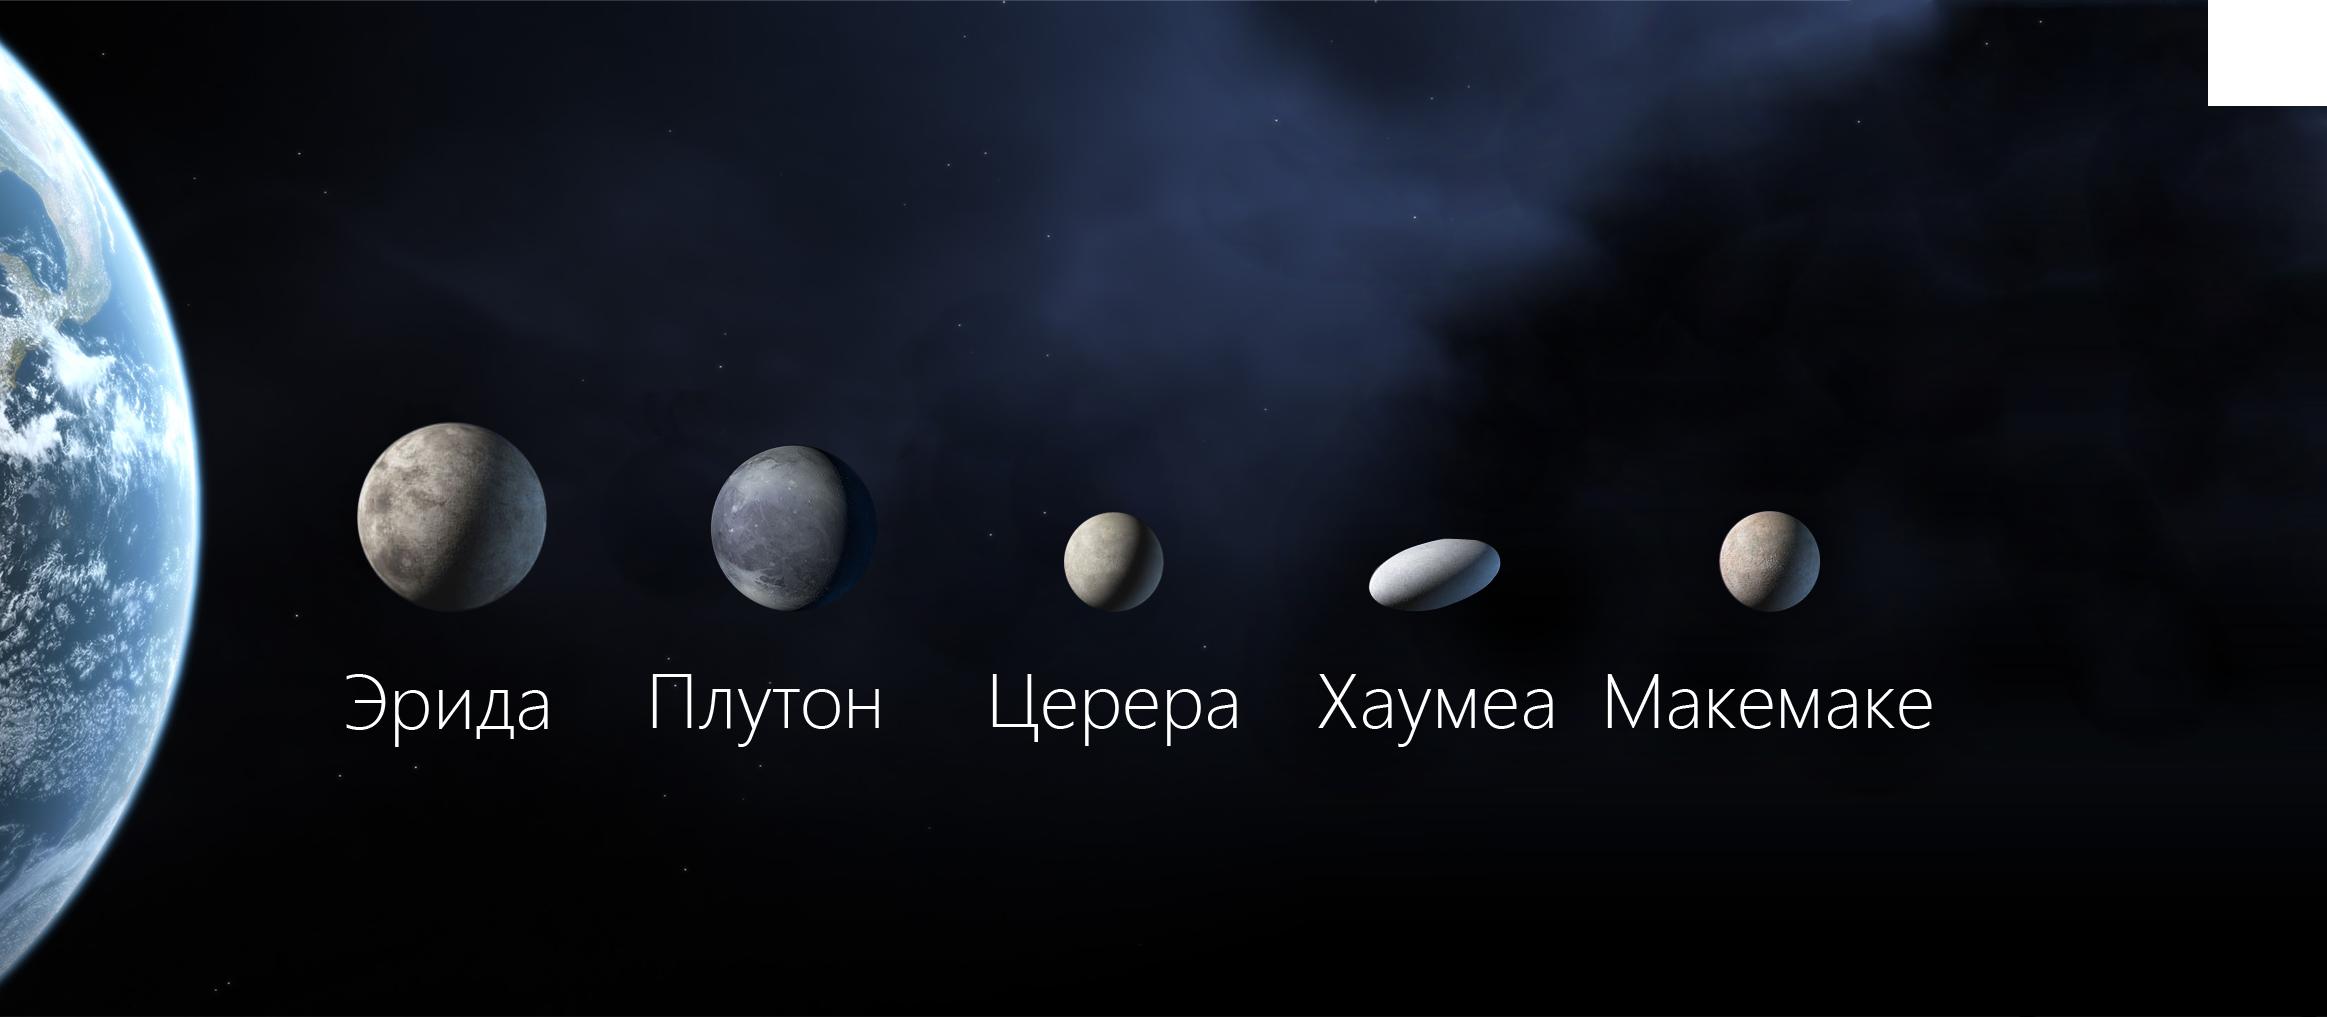 Планеты-карлики. Автор24 — интернет-биржа студенческих работ